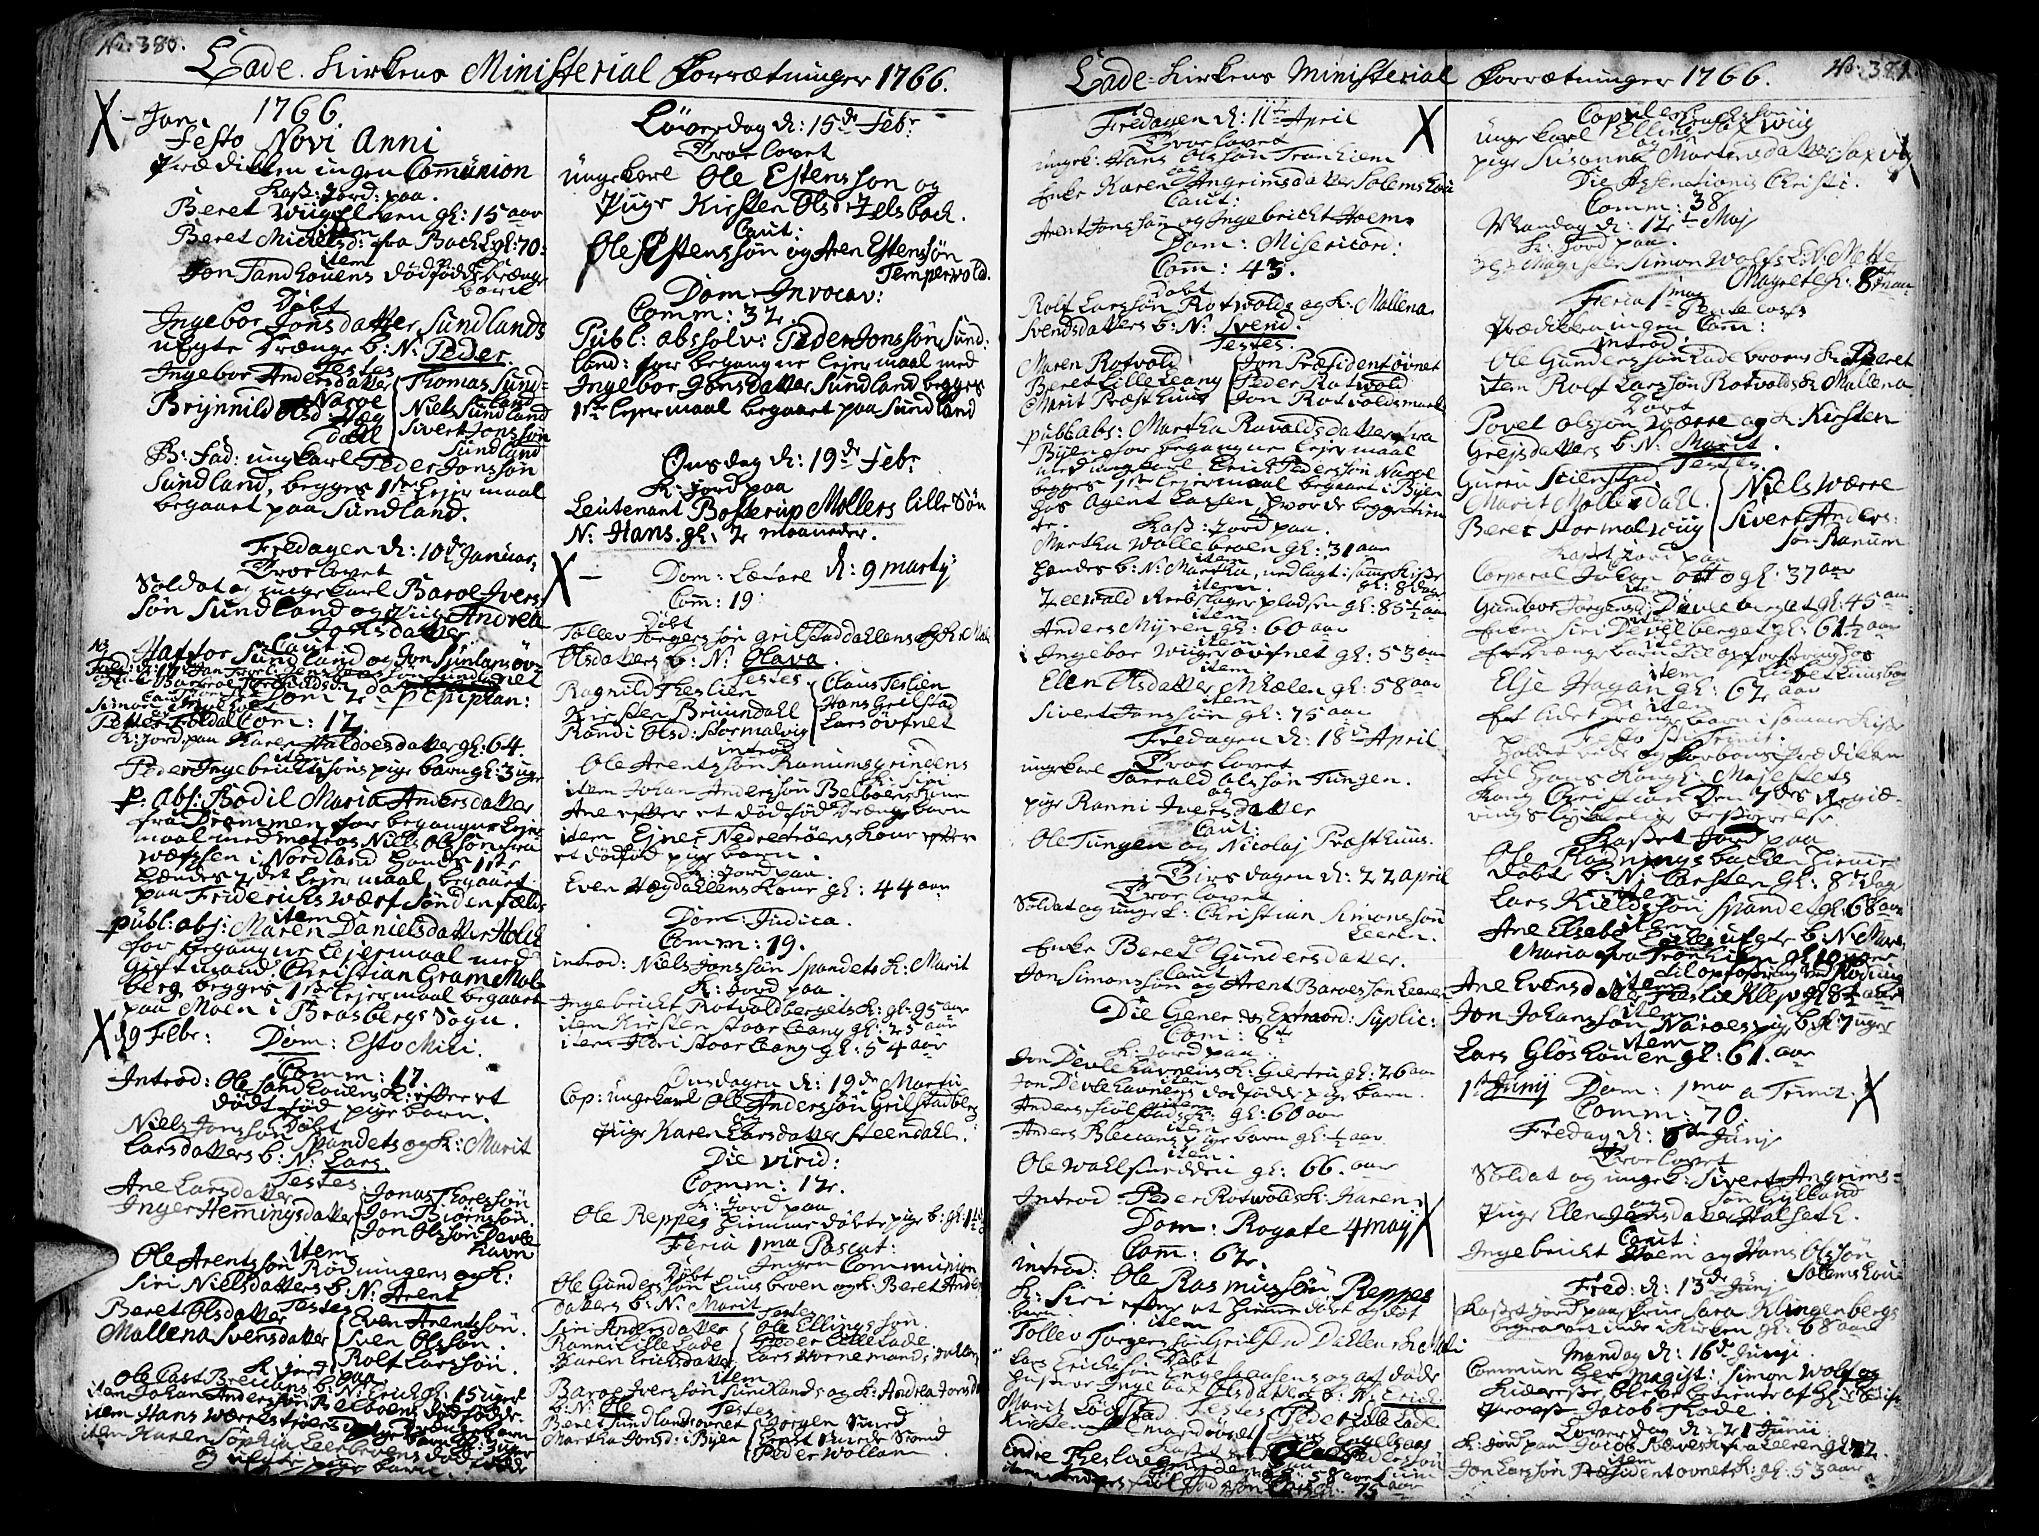 SAT, Ministerialprotokoller, klokkerbøker og fødselsregistre - Sør-Trøndelag, 606/L0275: Ministerialbok nr. 606A01 /1, 1727-1780, s. 380-381